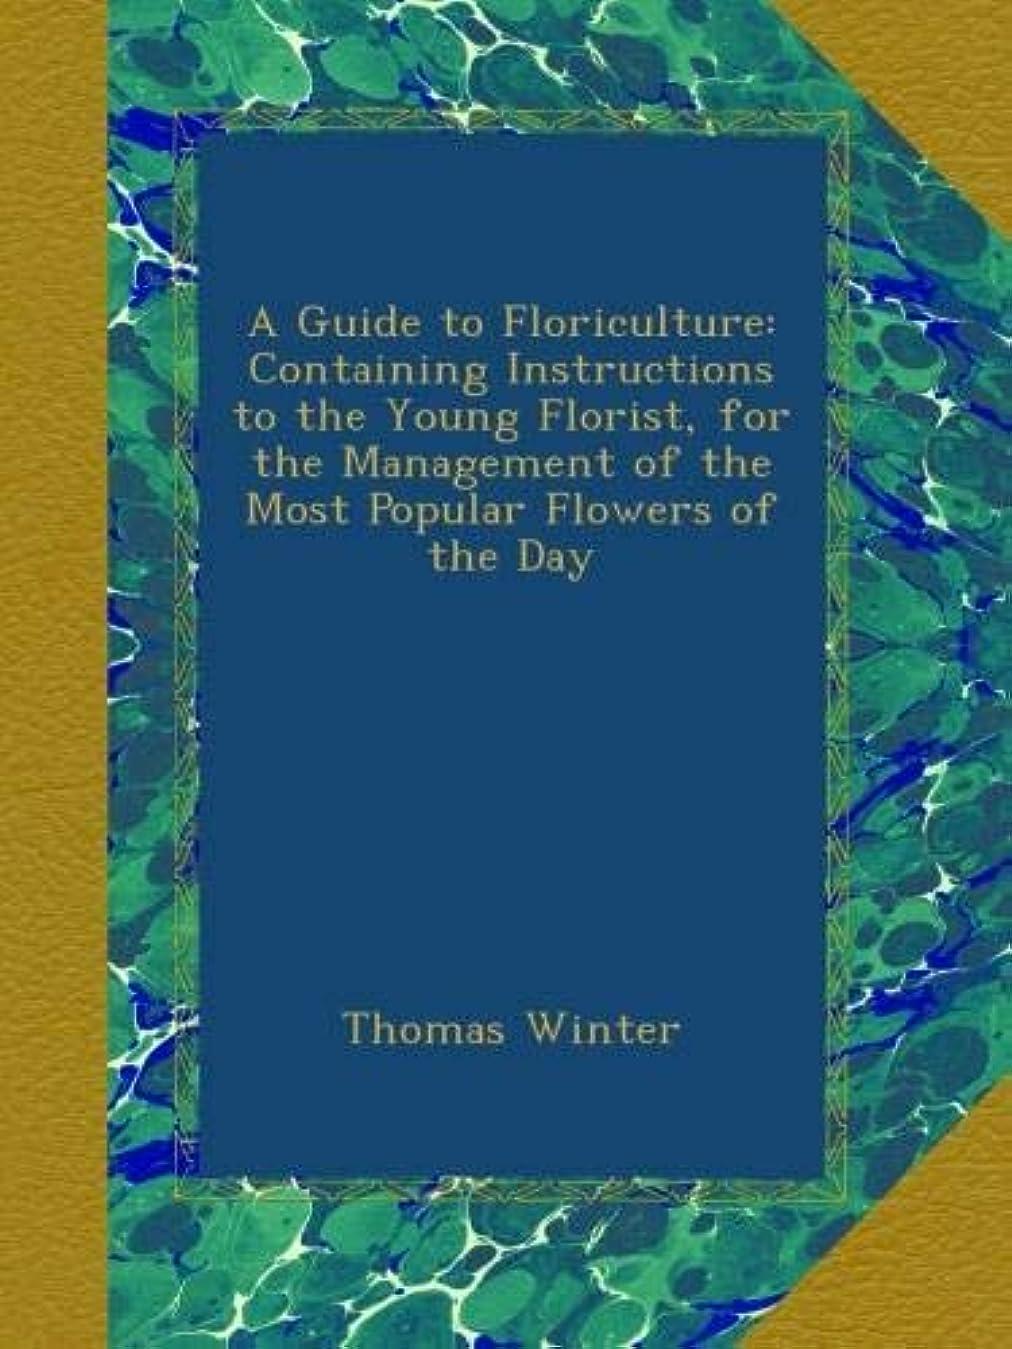 かなり唯物論見せますA Guide to Floriculture: Containing Instructions to the Young Florist, for the Management of the Most Popular Flowers of the Day